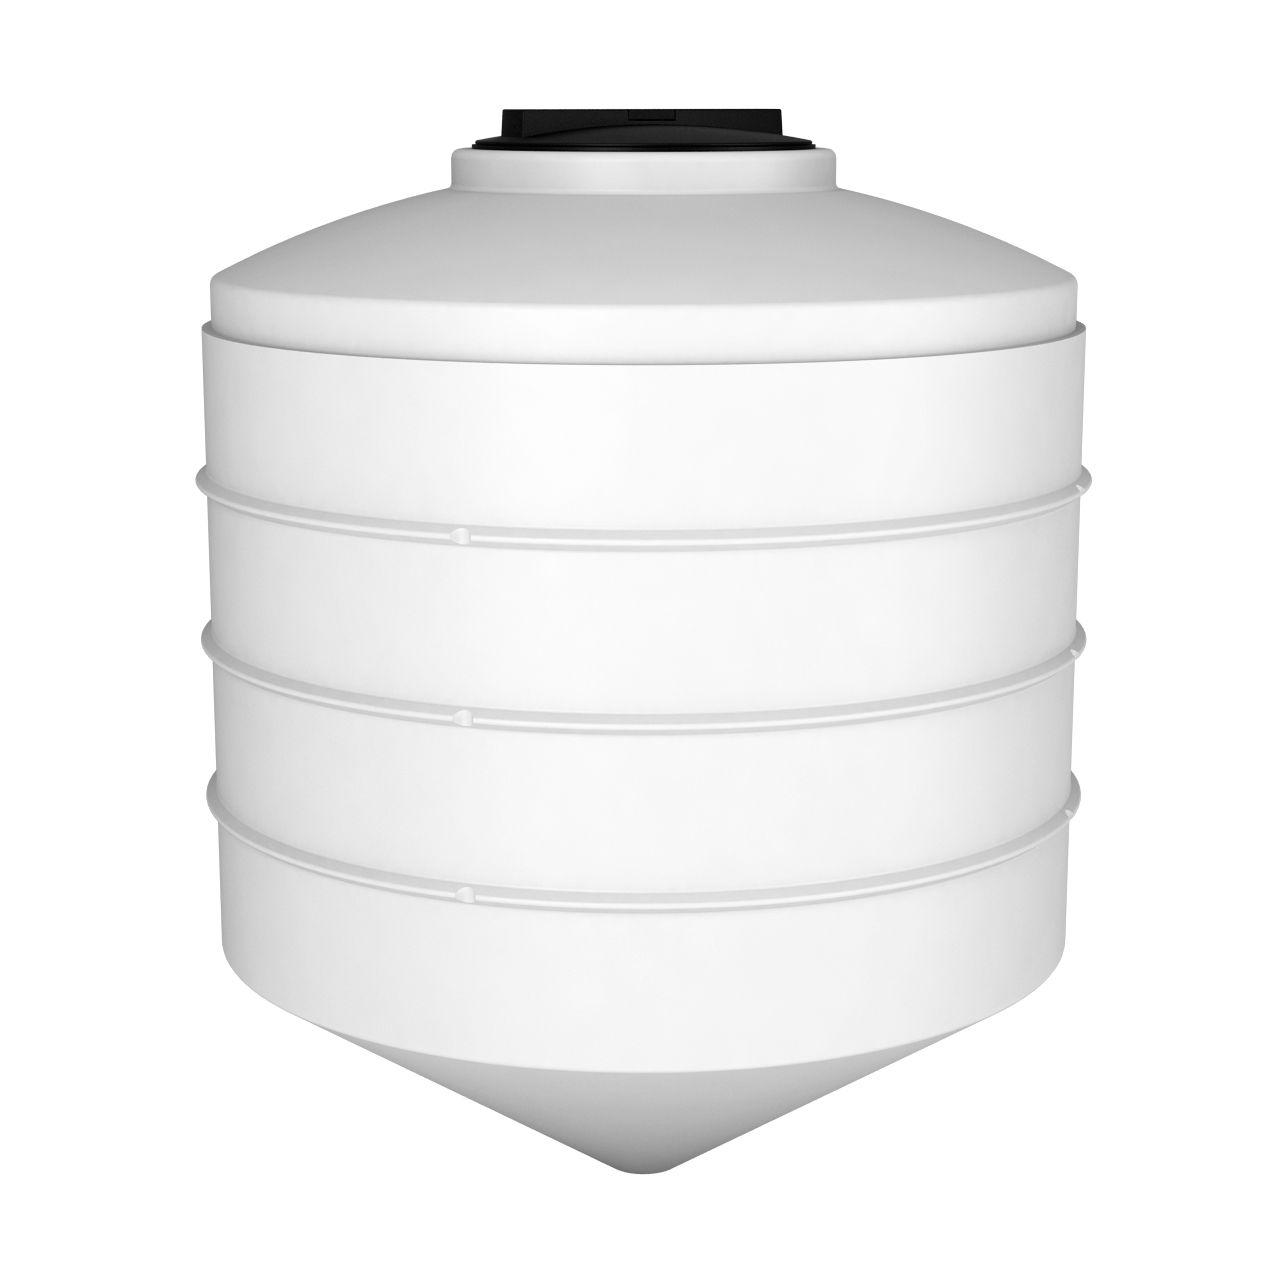 Емкость конусная ФМ 500 литров пластиковая